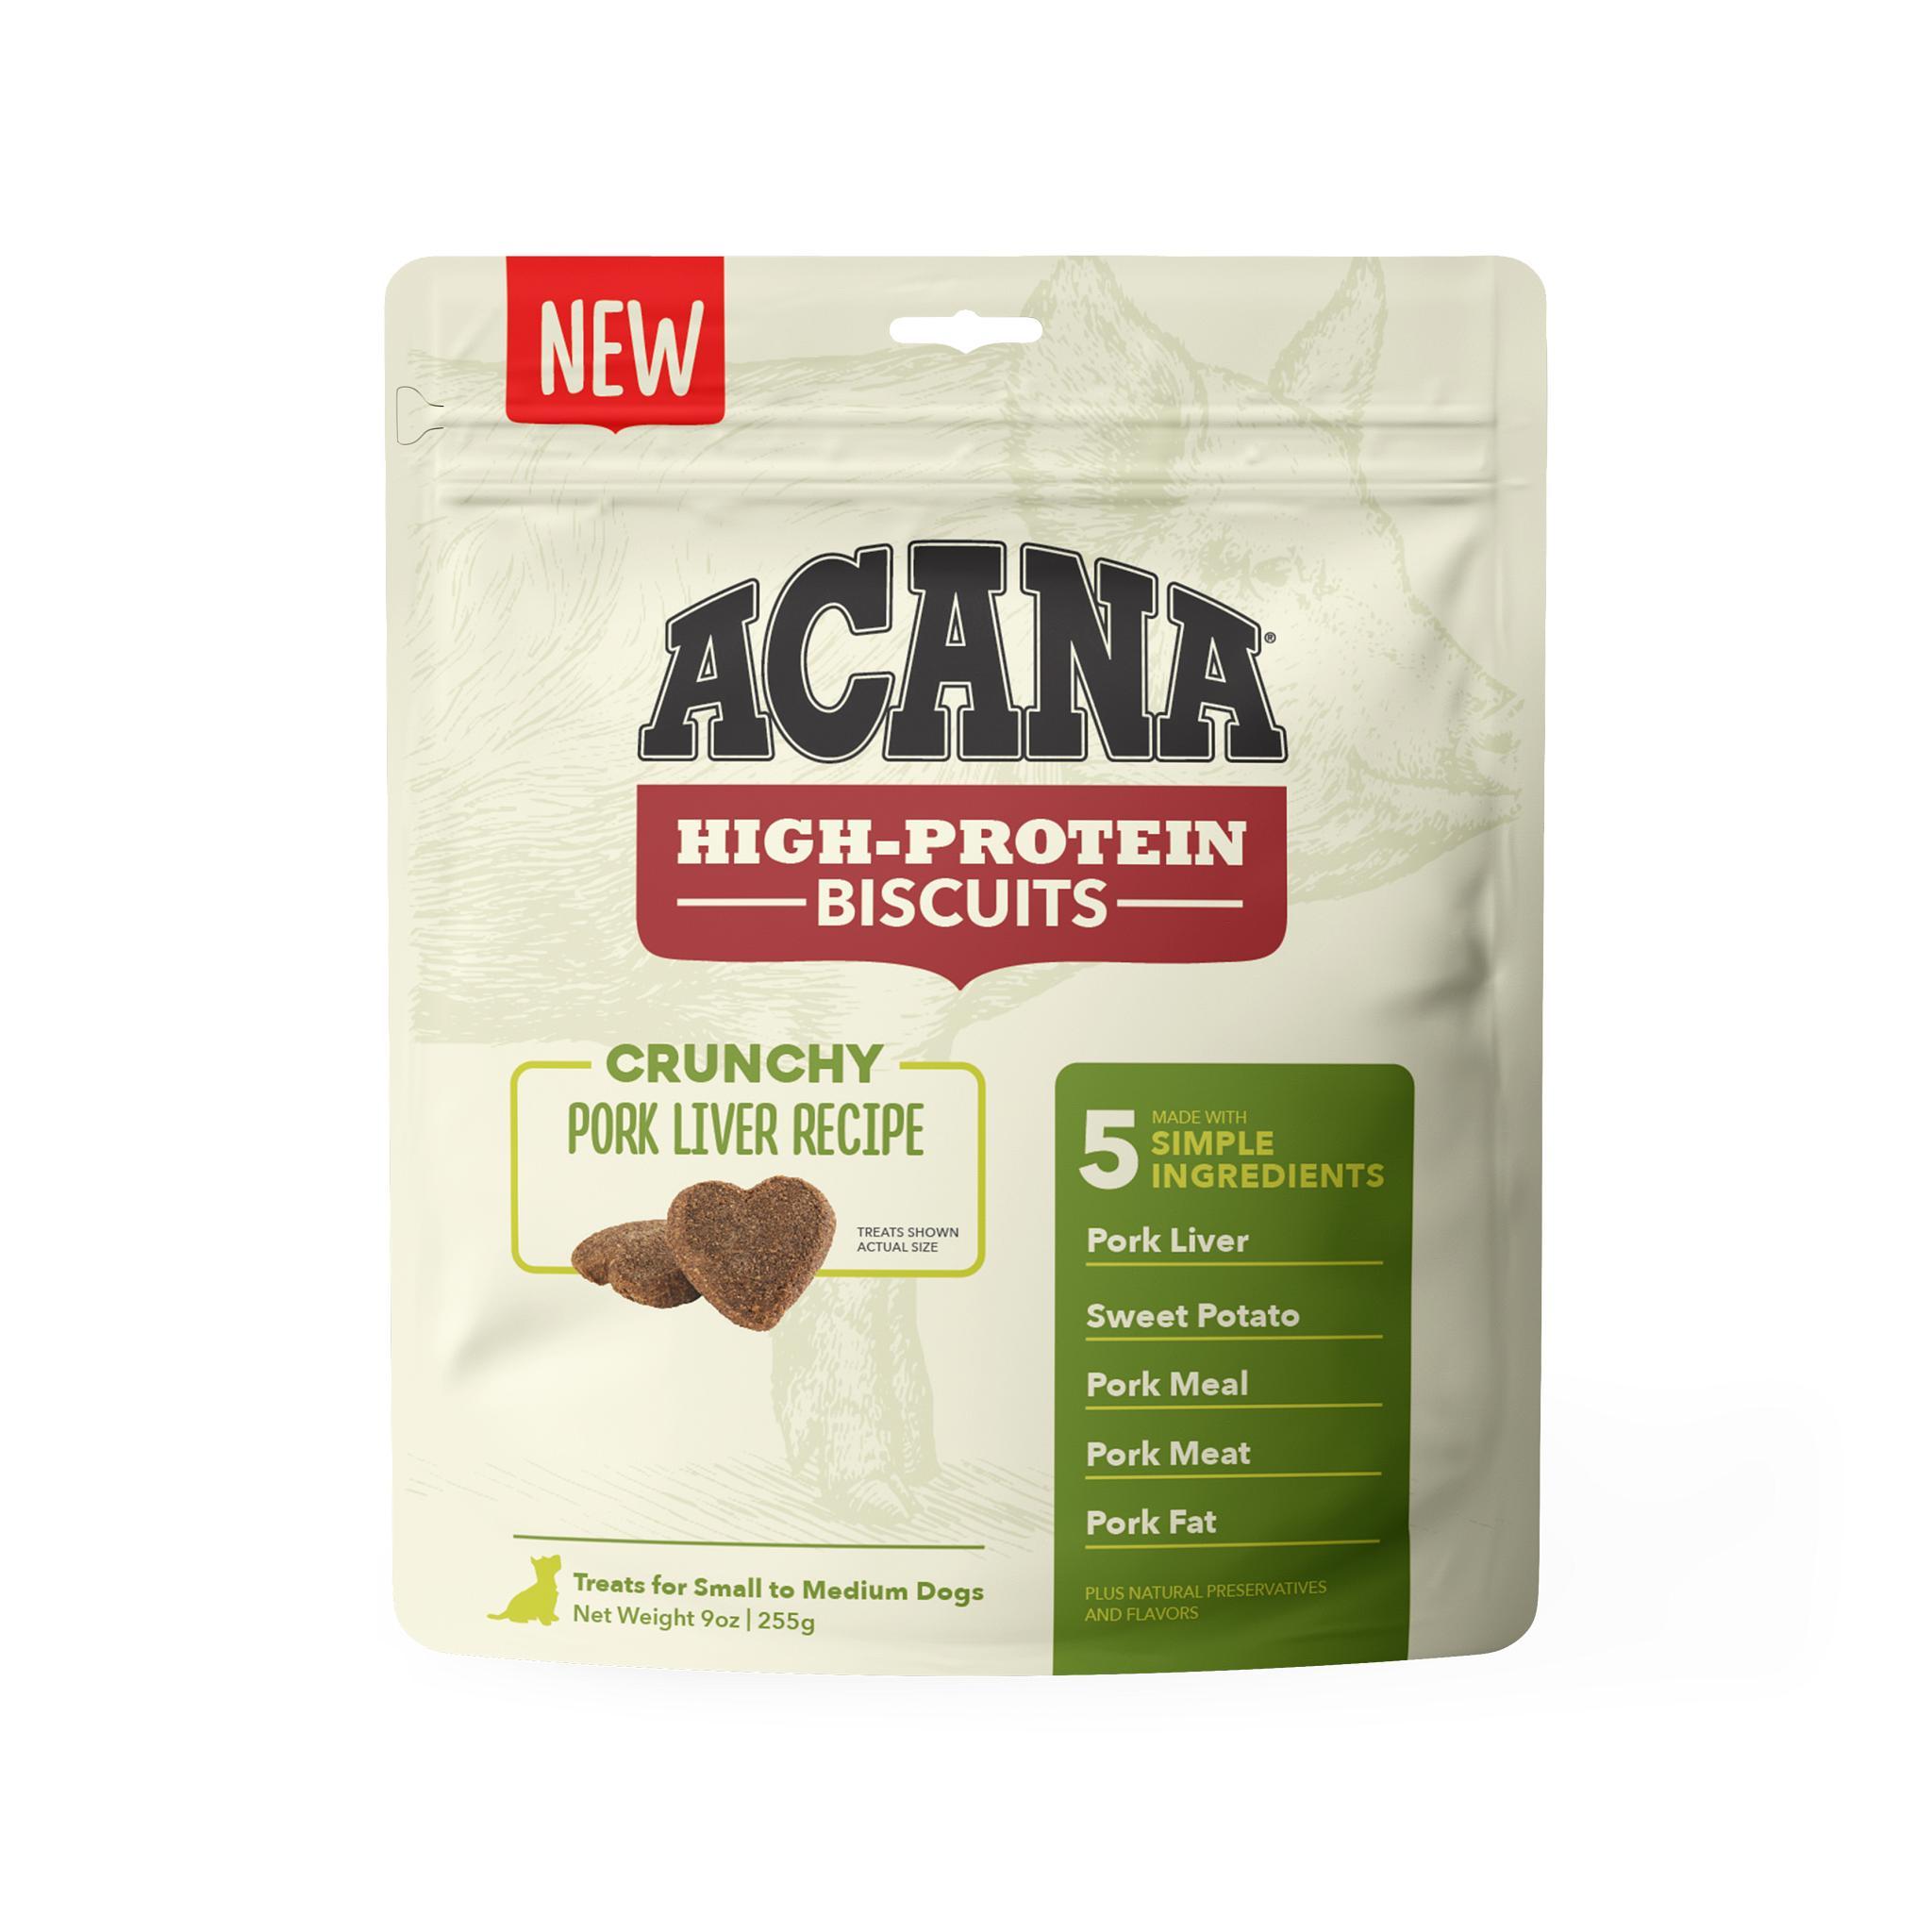 ACANA Crunchy Biscuits Pork Liver Recipe Dog Treats, Small